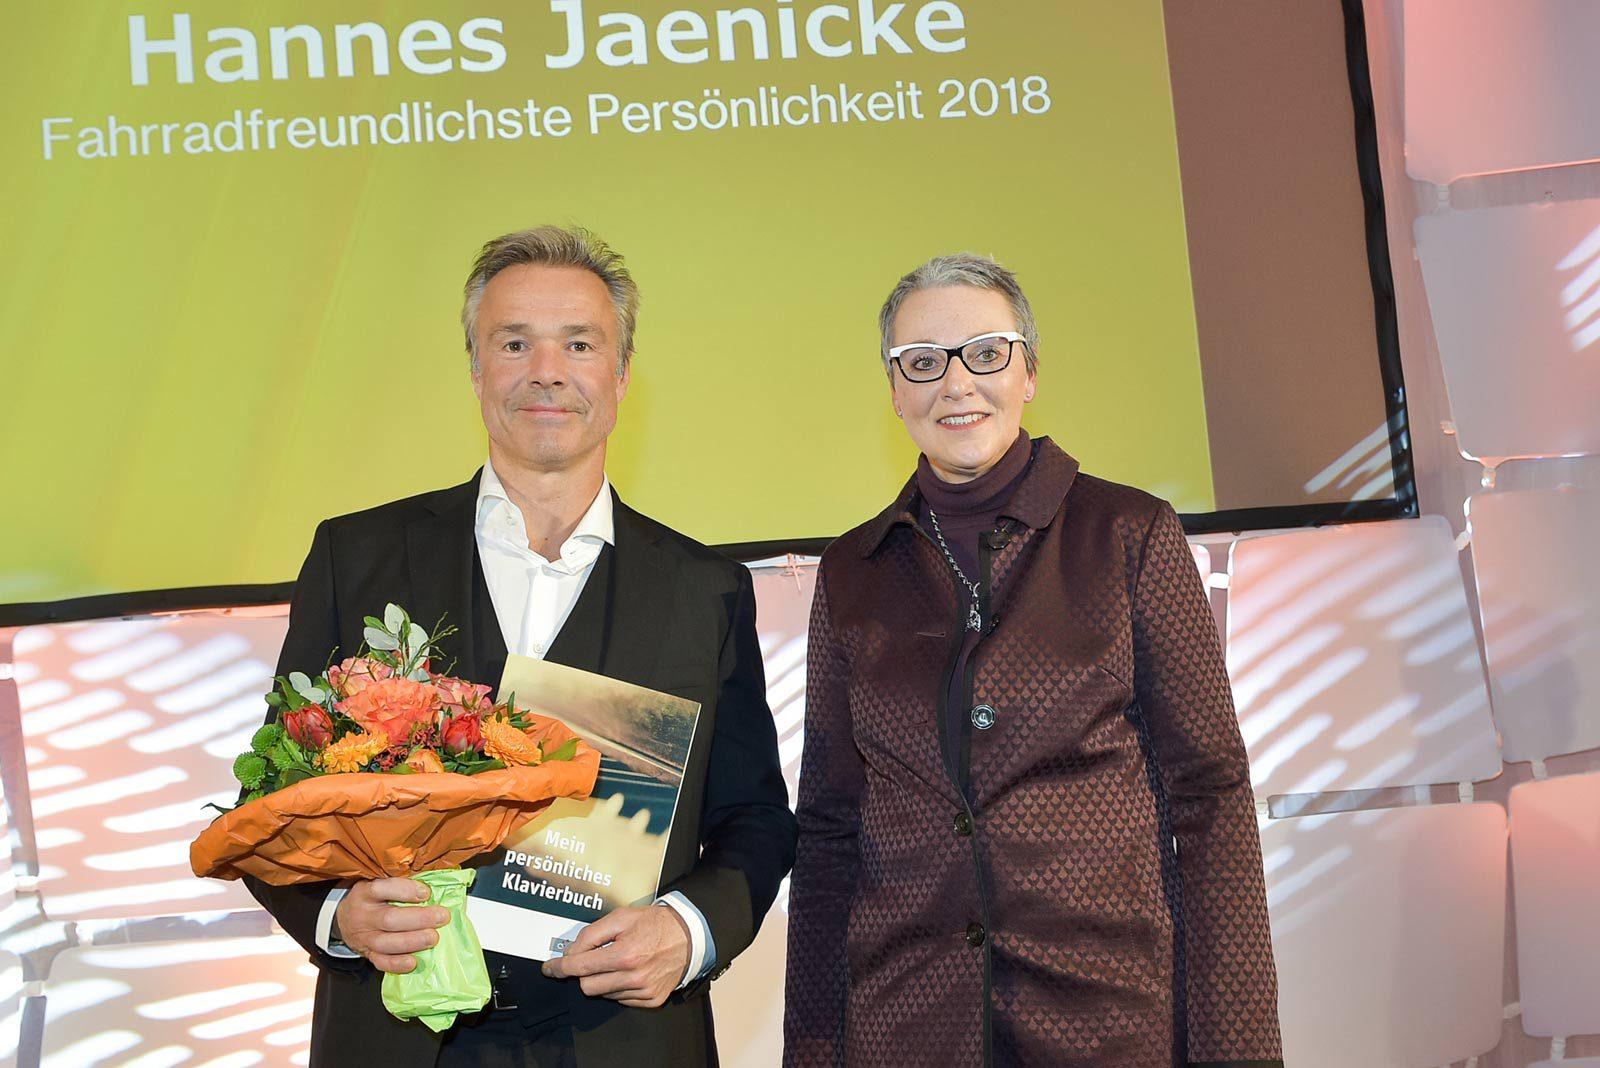 Hannes Jaenicke steht, einen Blumenstrauß haltend, neben Christine Fuchs.